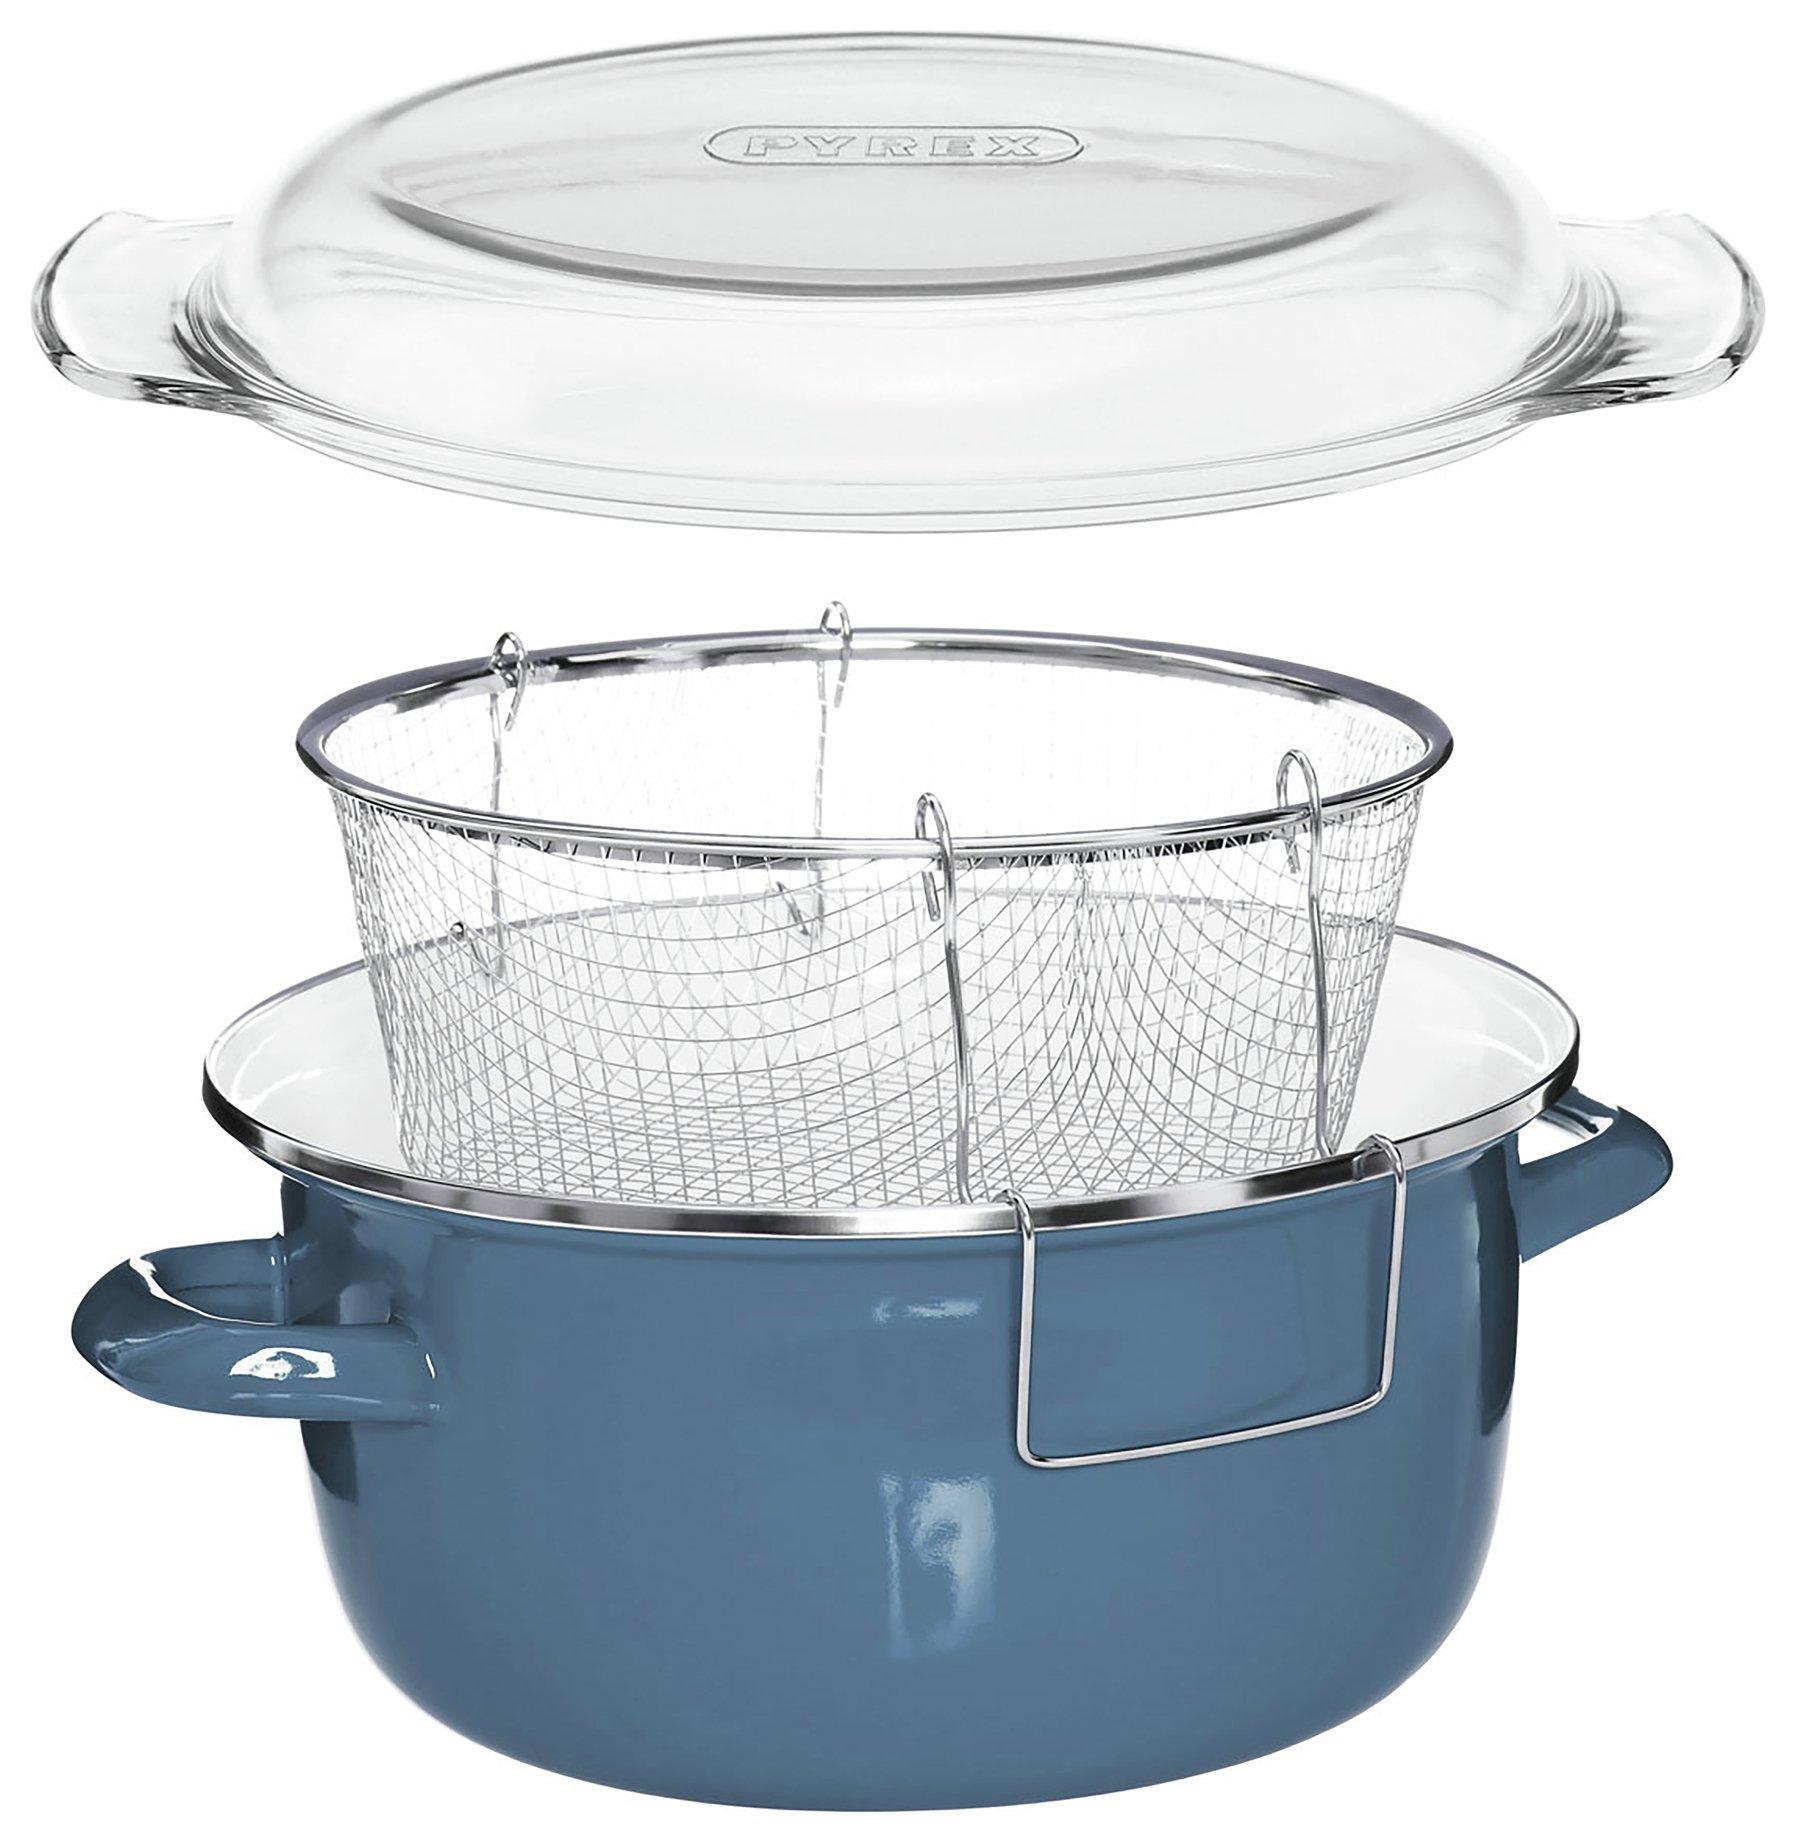 Deep Fryer Blue Enamel Fryer with Wire Basket.